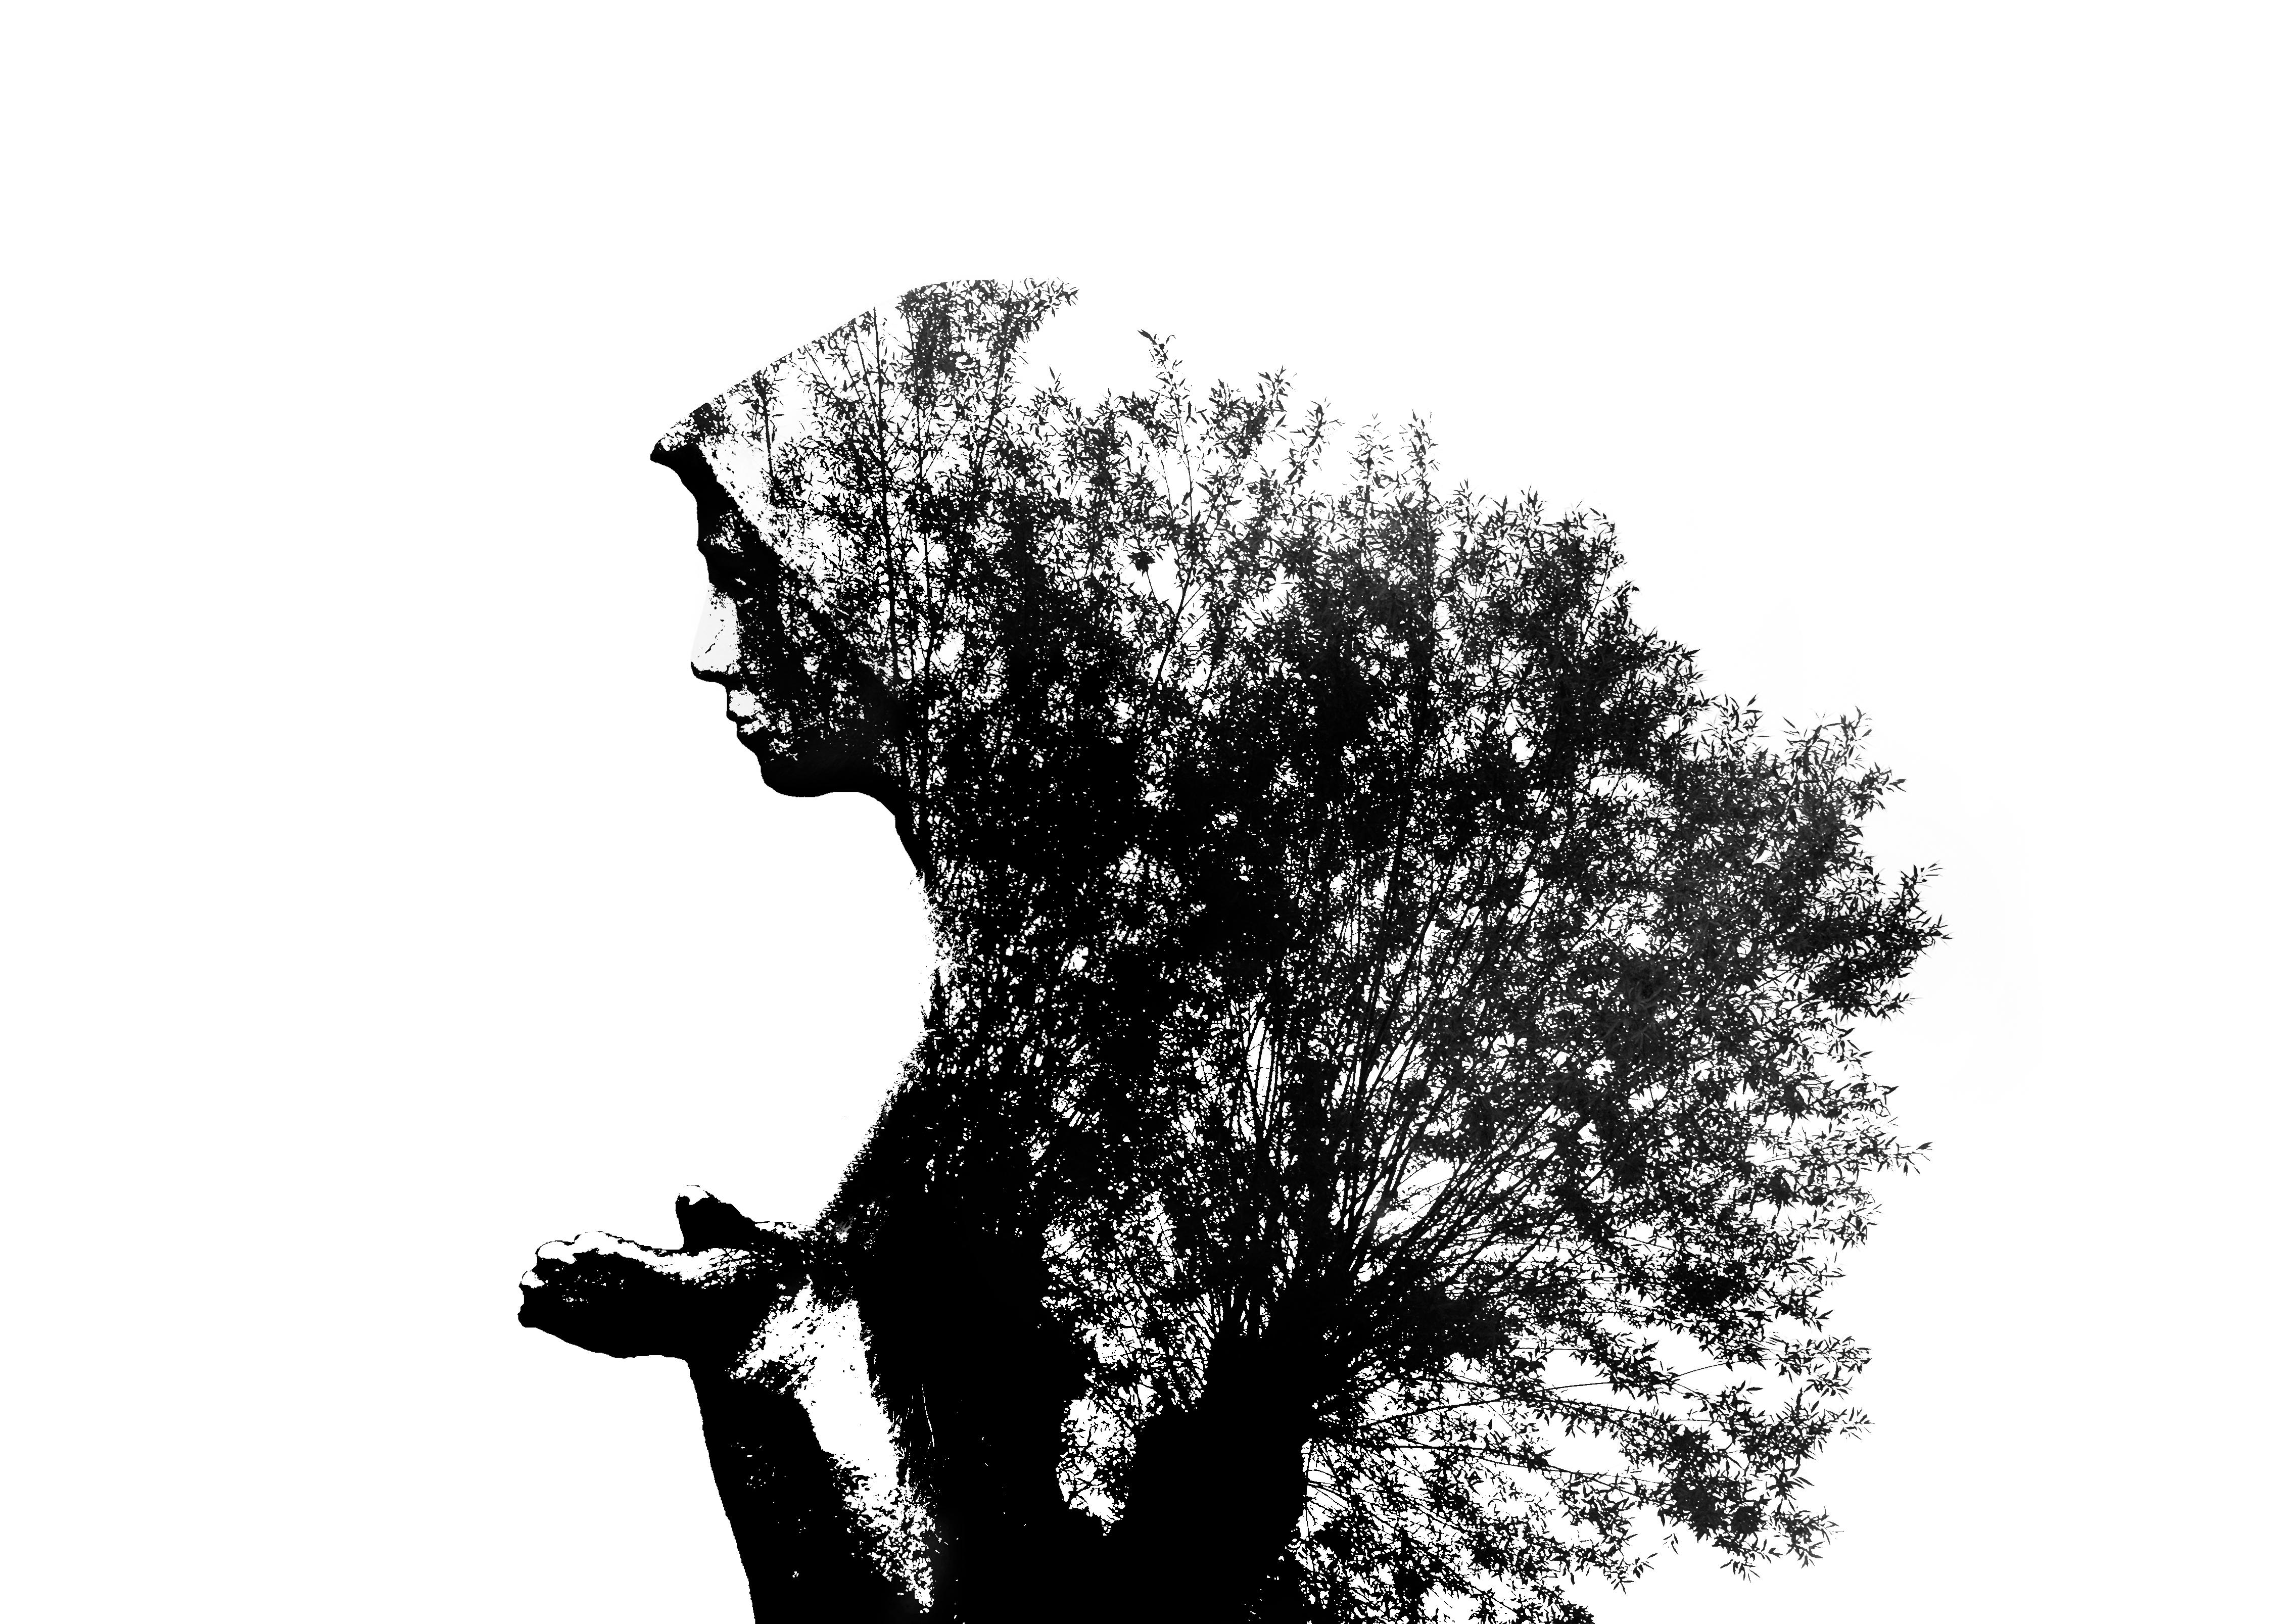 Czarno-biała grafika przedstawiająca kobietę-drzewo. Autor zdjęcia: Grzegorz Ląg Tytuł: Faustyna Zdjęcie prezentuje charakterystyczne dla Kiekrza miejsce kultu Siostry Faustyny nad Małym Jeziorem Kierskim. Zarys pomnika uzupełniają porastające drogę krzyżowa wierzby.